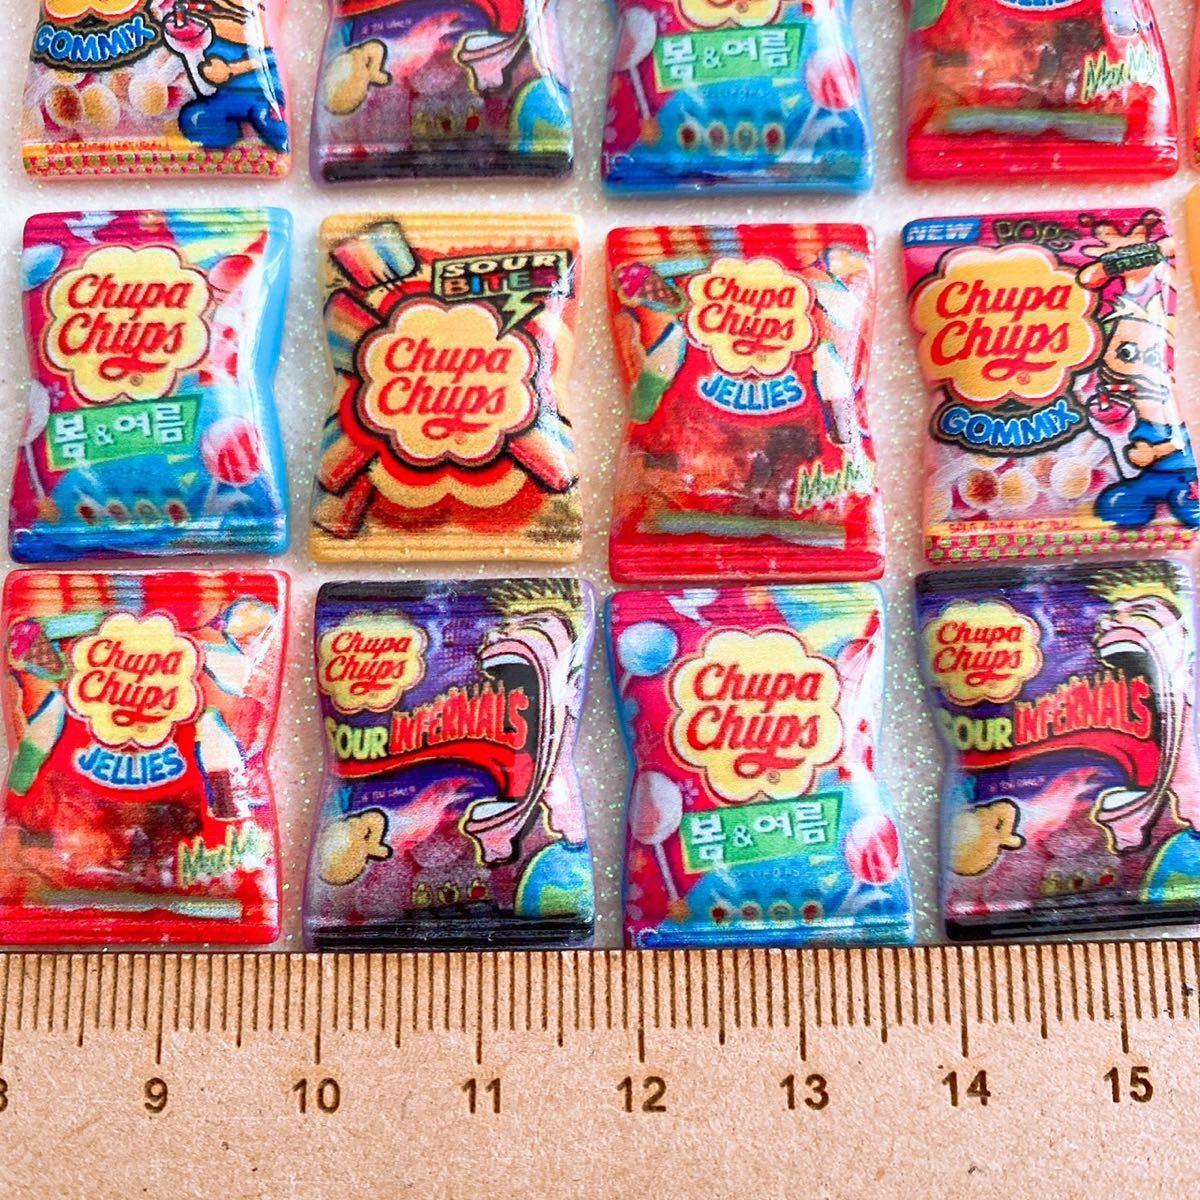 デコパーツ キャンディパーツ 24個セット まとめ売り お菓子パーツ